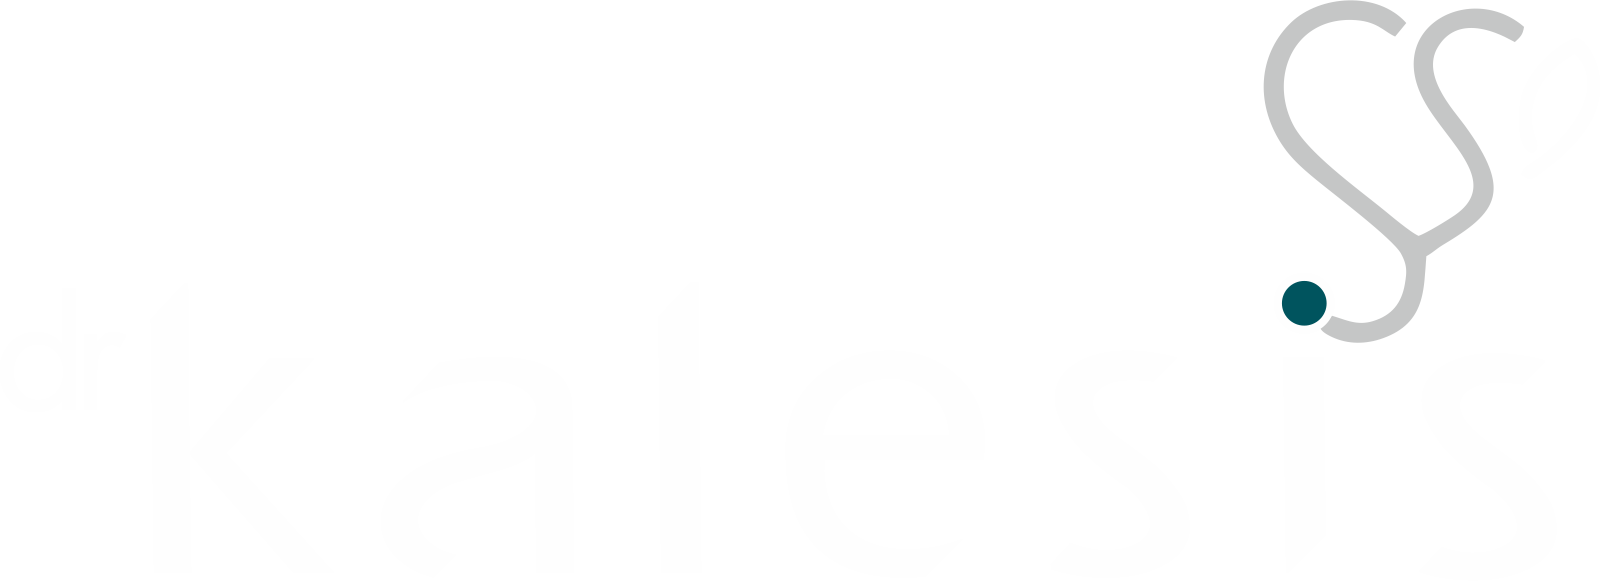 dr. kalesis